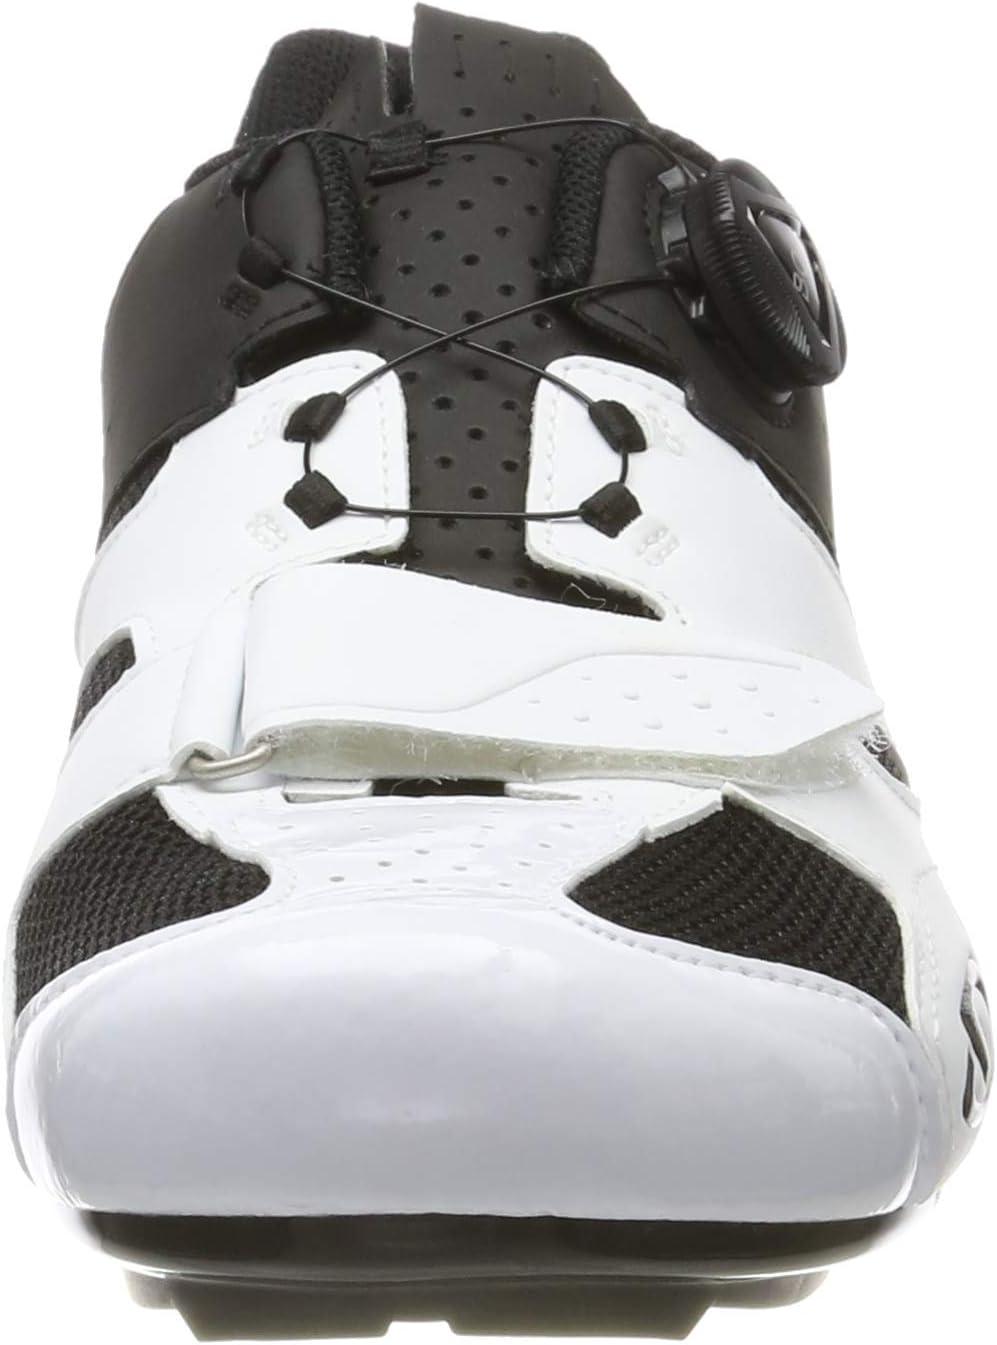 Giro Savix Cycling Shoe - Men's White